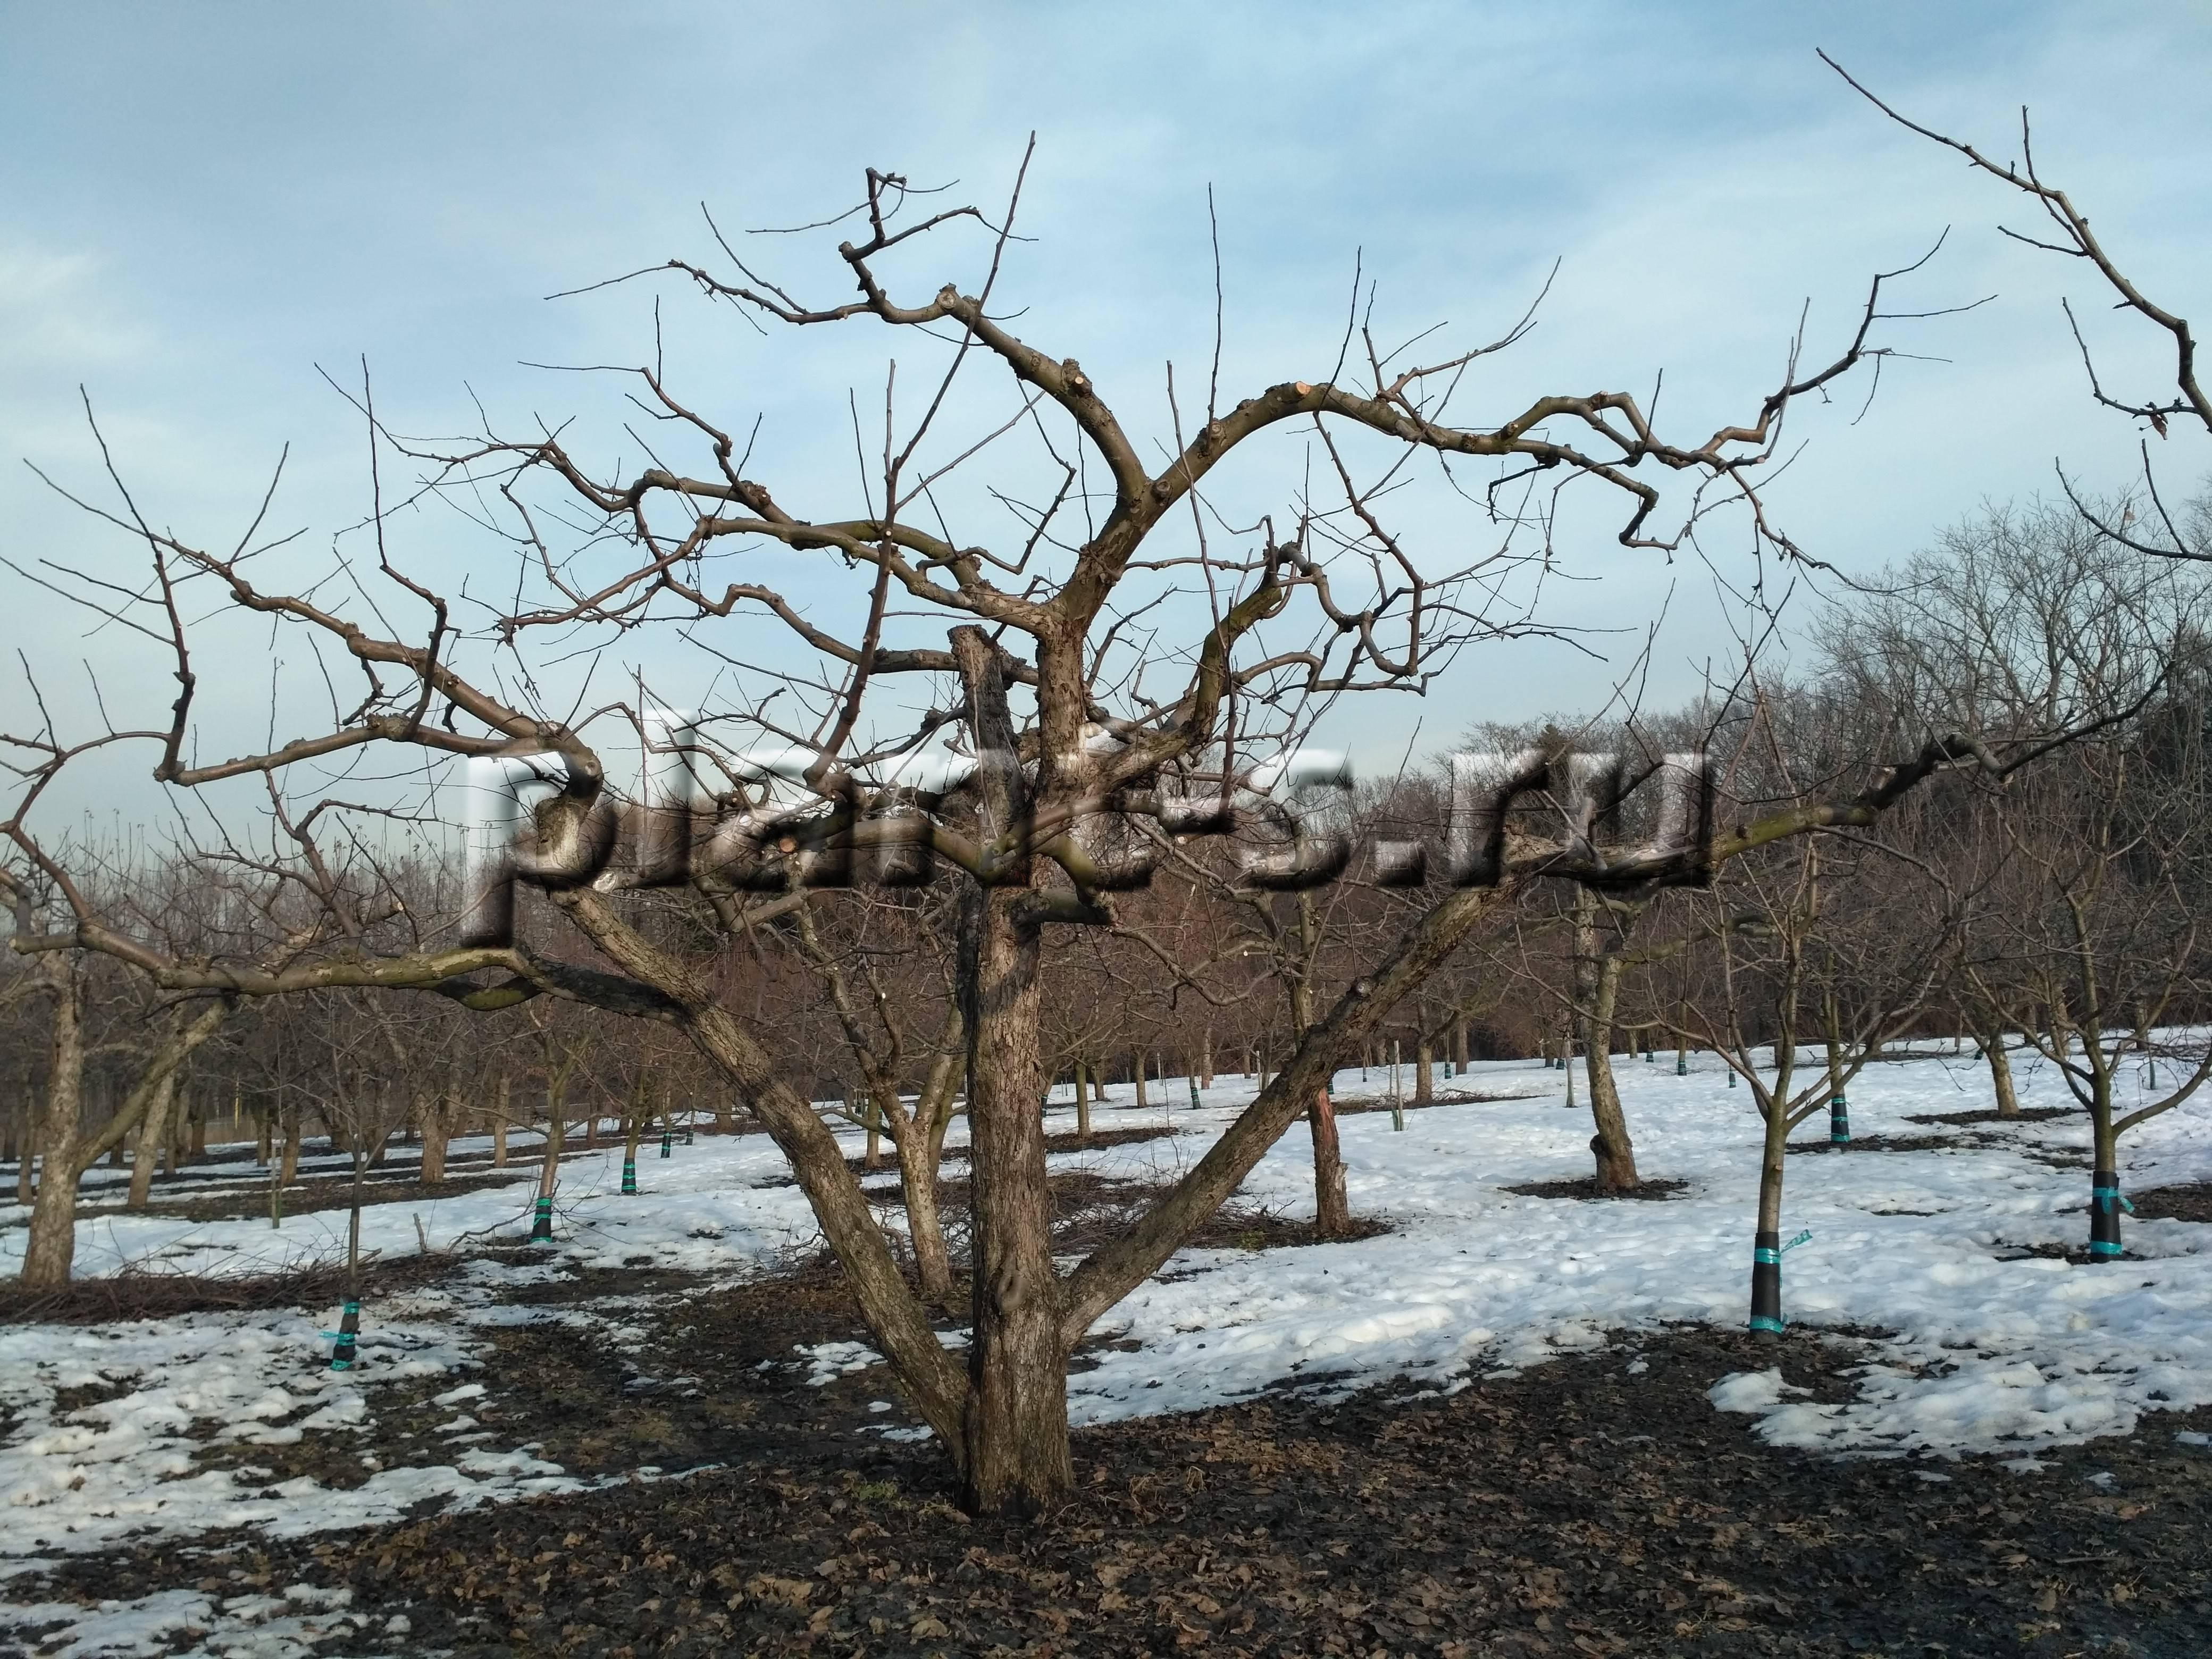 Обрезка яблонь весной: как отличить плодоносящие ветки, схемы | спутниковые технологии